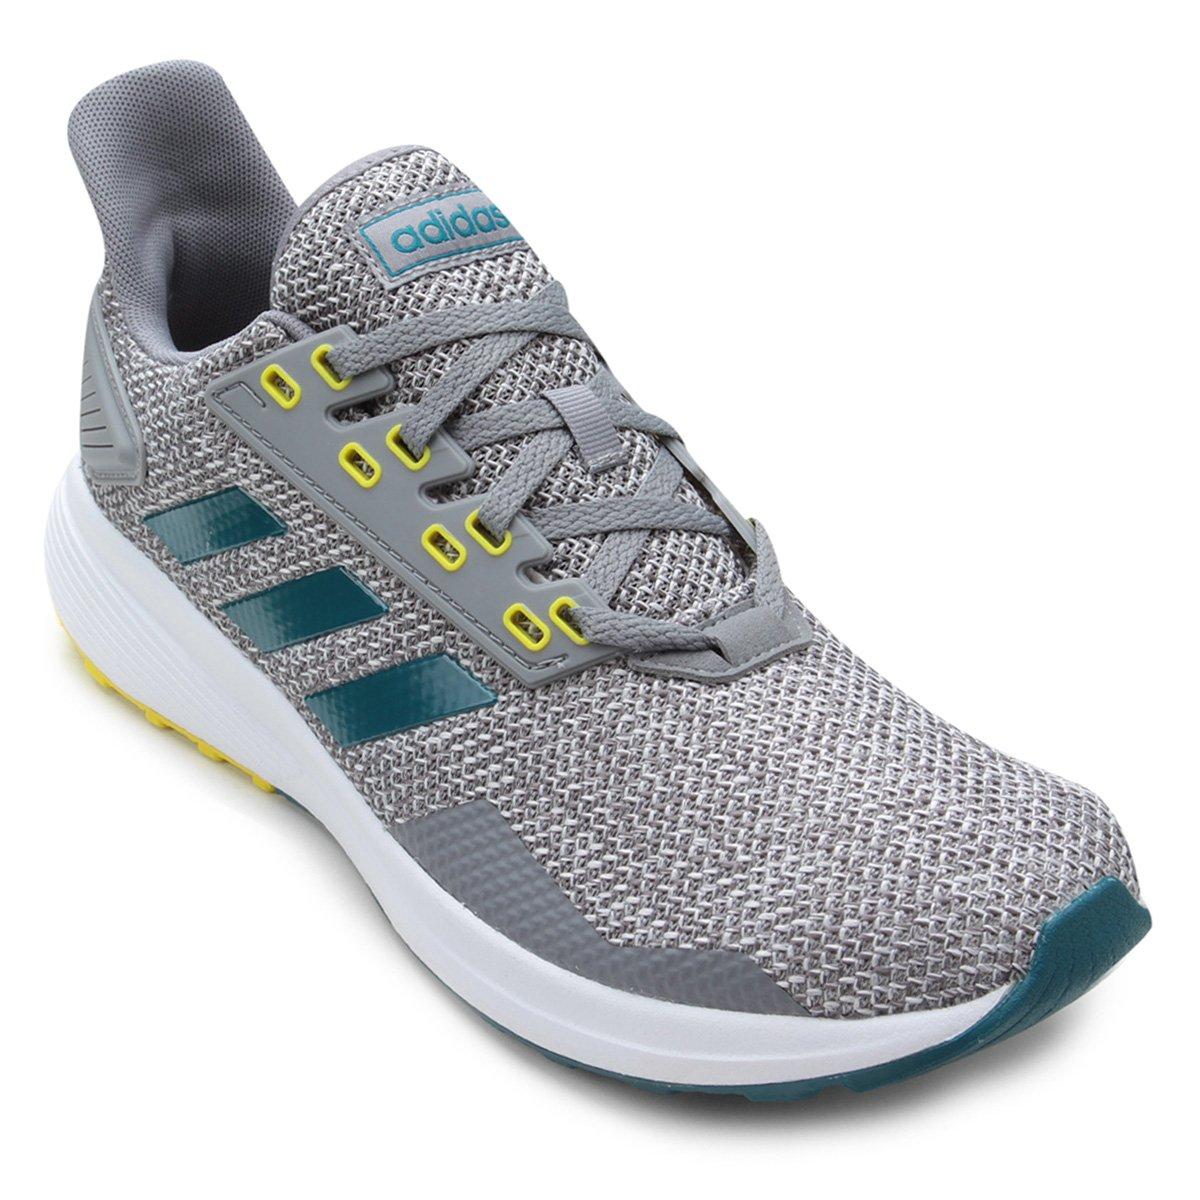 f073ee21c6 Tênis Adidas Duramo 9 Masculino - Cinza e Branco - Compre Agora ...